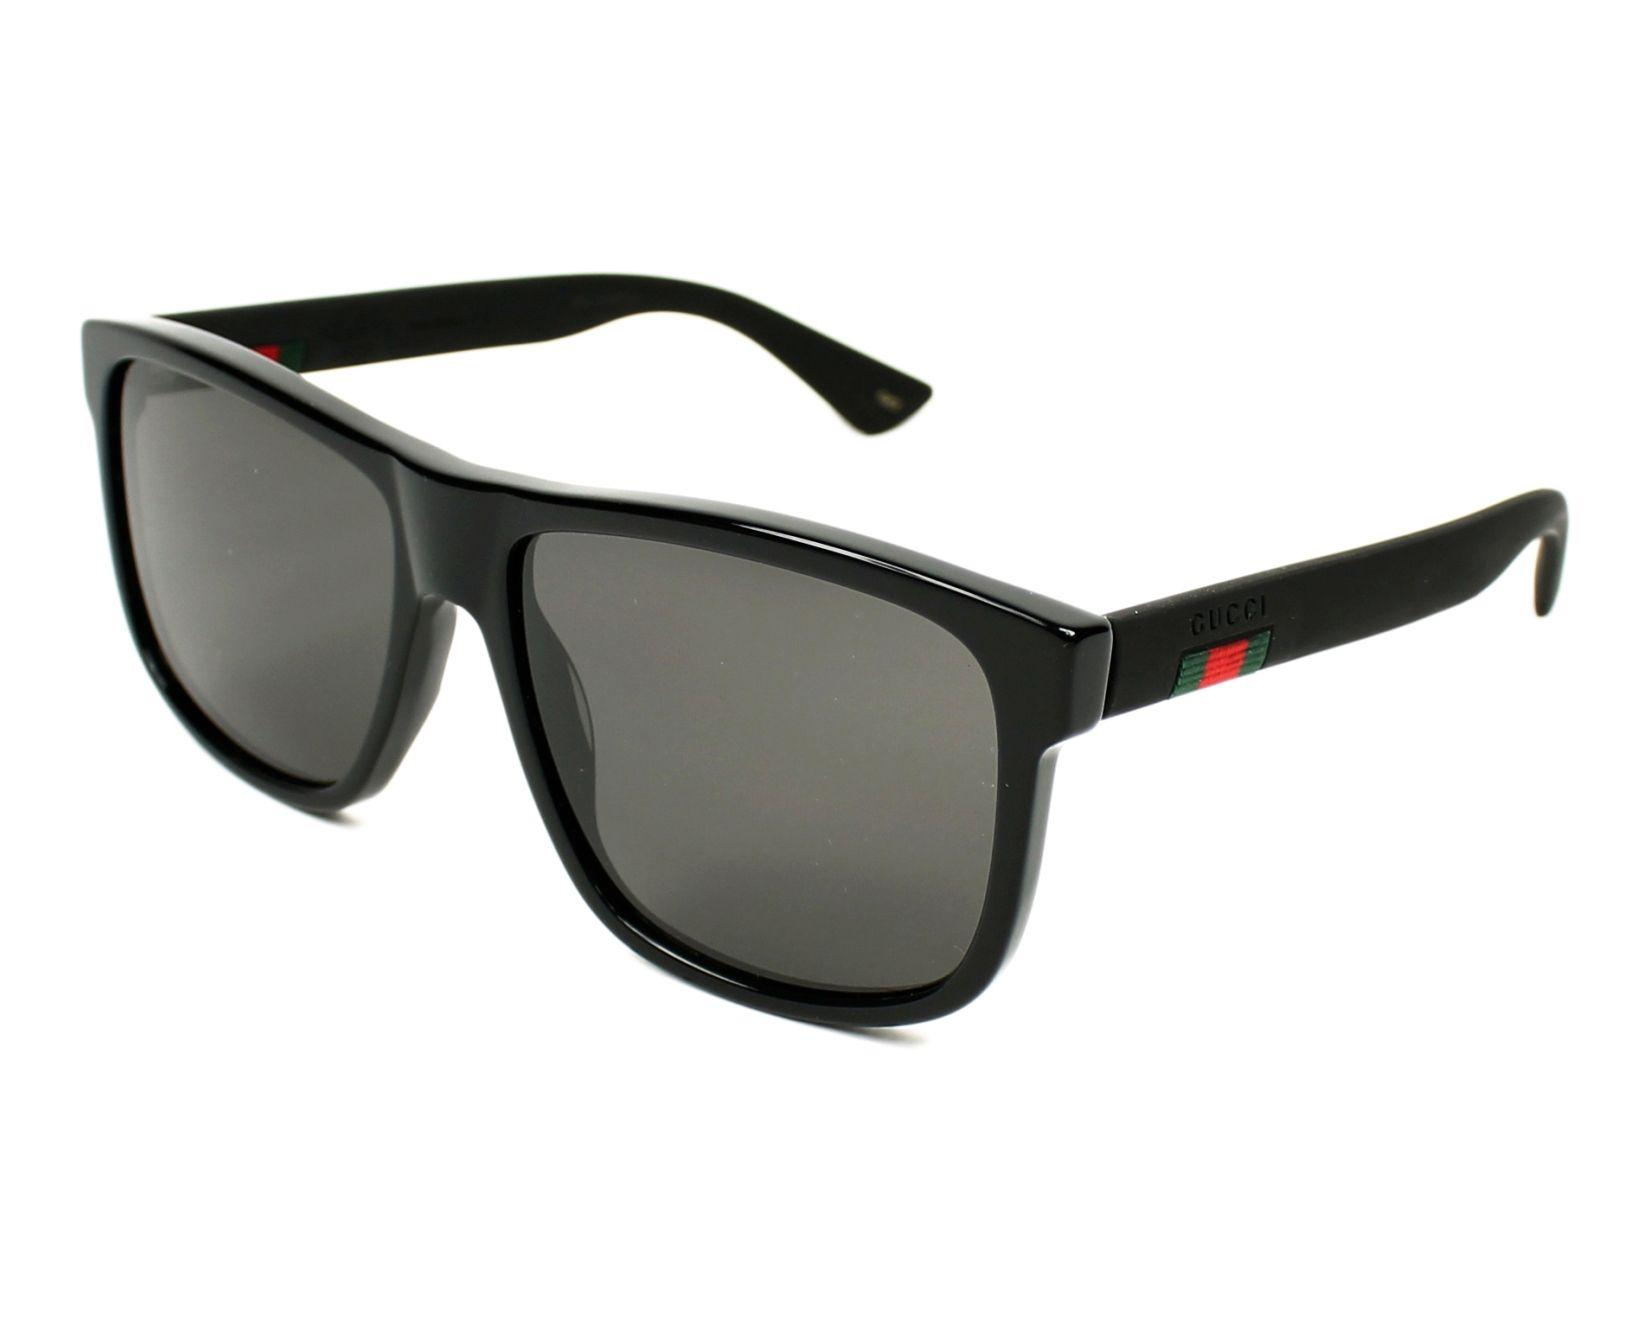 ddeeae03d41 Sonnenbrillen Gucci GG-0010-S 001 58-16 schwarz schwarz Profilansicht